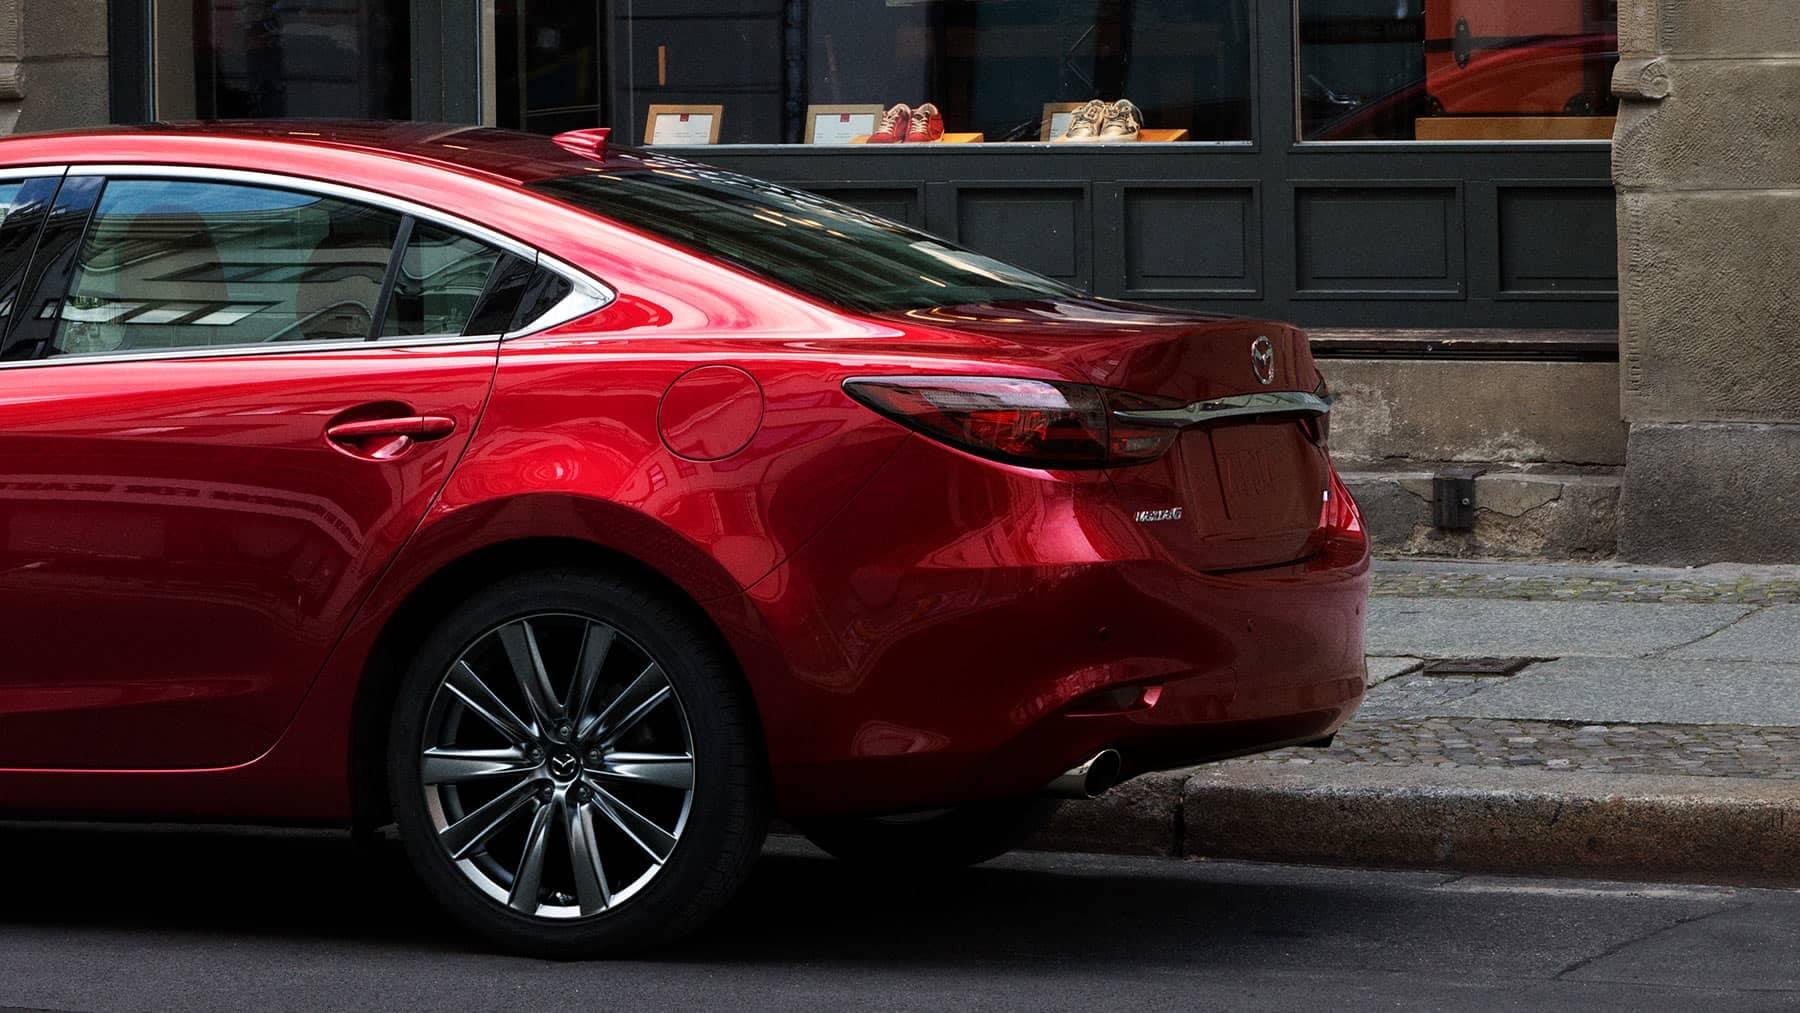 2018 Mazda 6 Rear